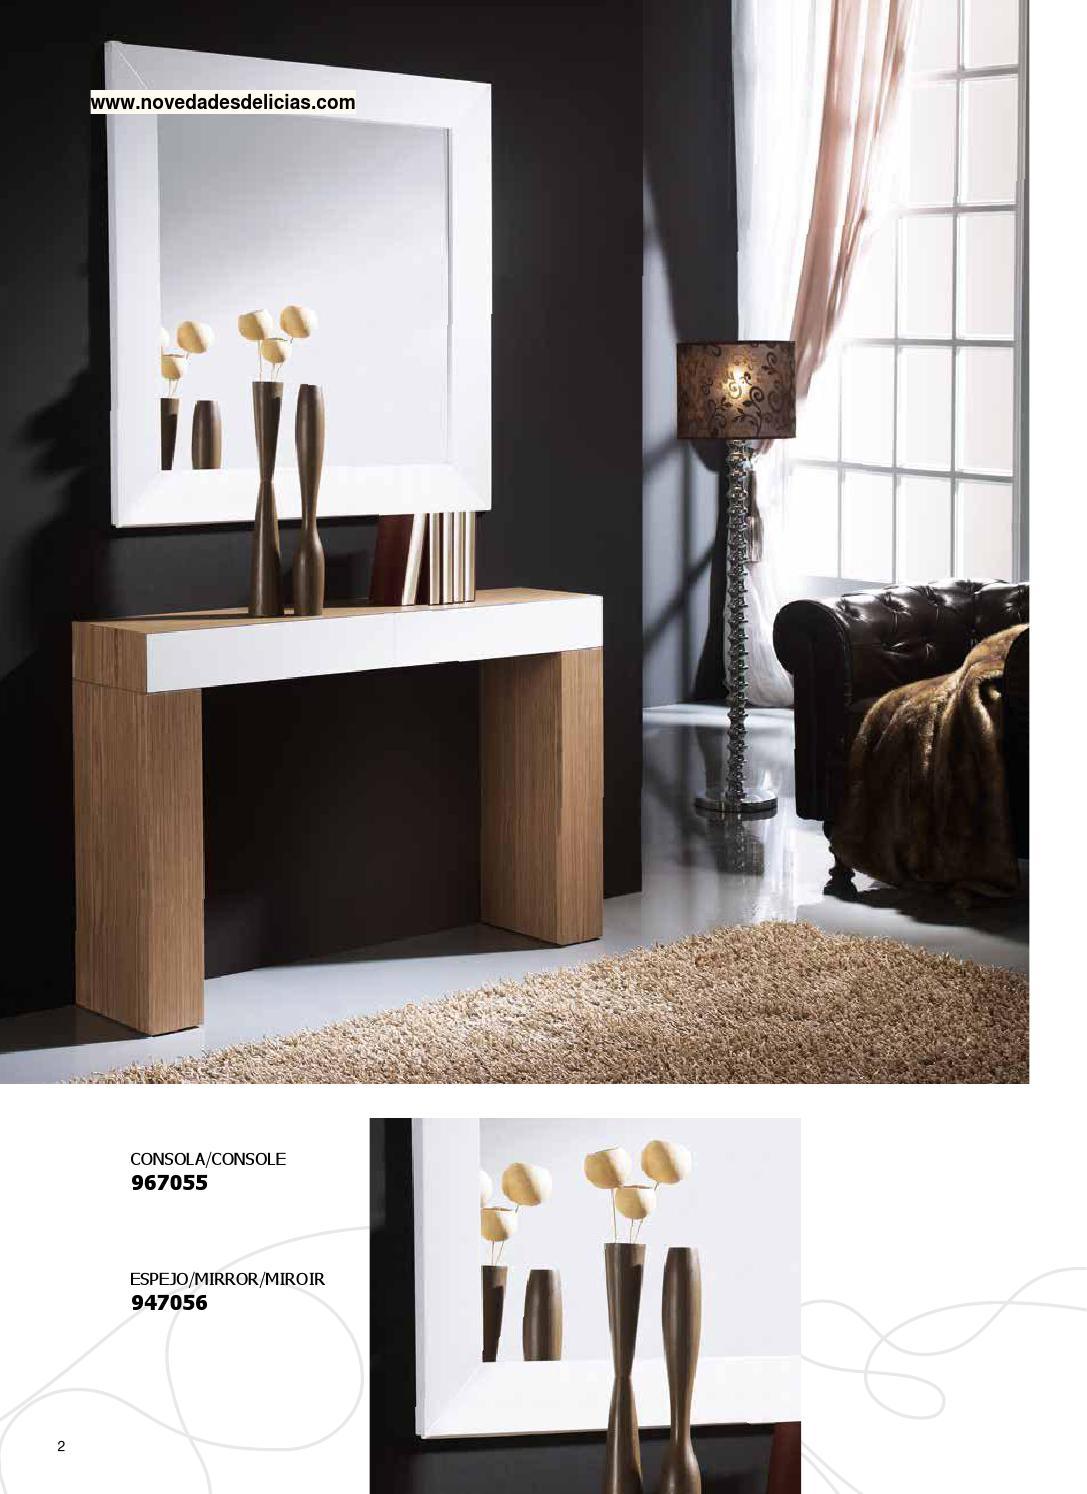 Cat logo de mueble auxiliar colecci n viento by cat logo - Novedades delicias ...